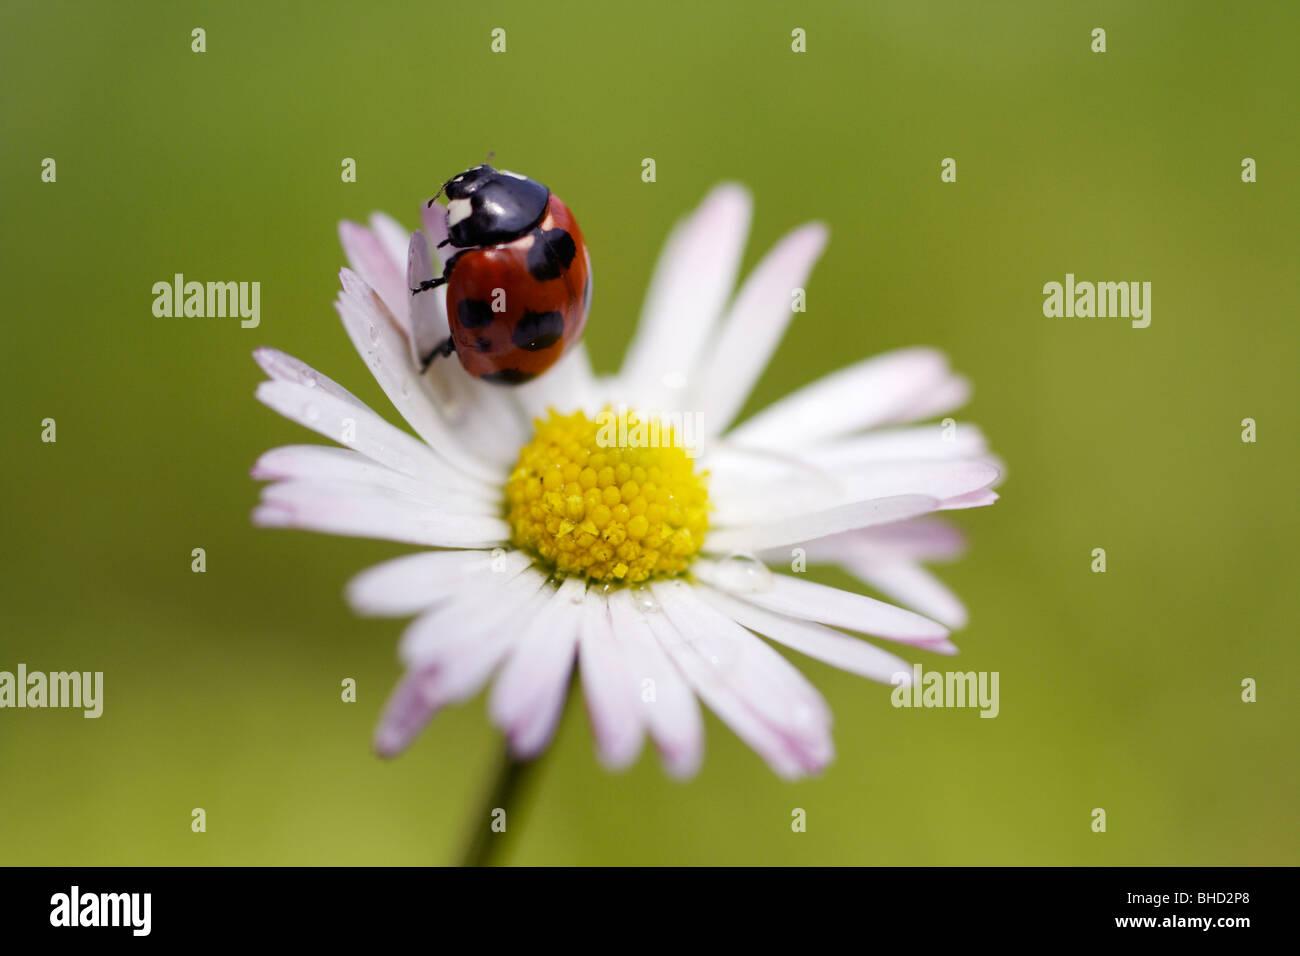 Marienkafer Auf Daisy Flower Und Wassertropfen Abstrakten Hintergrund Stockfotografie Alamy